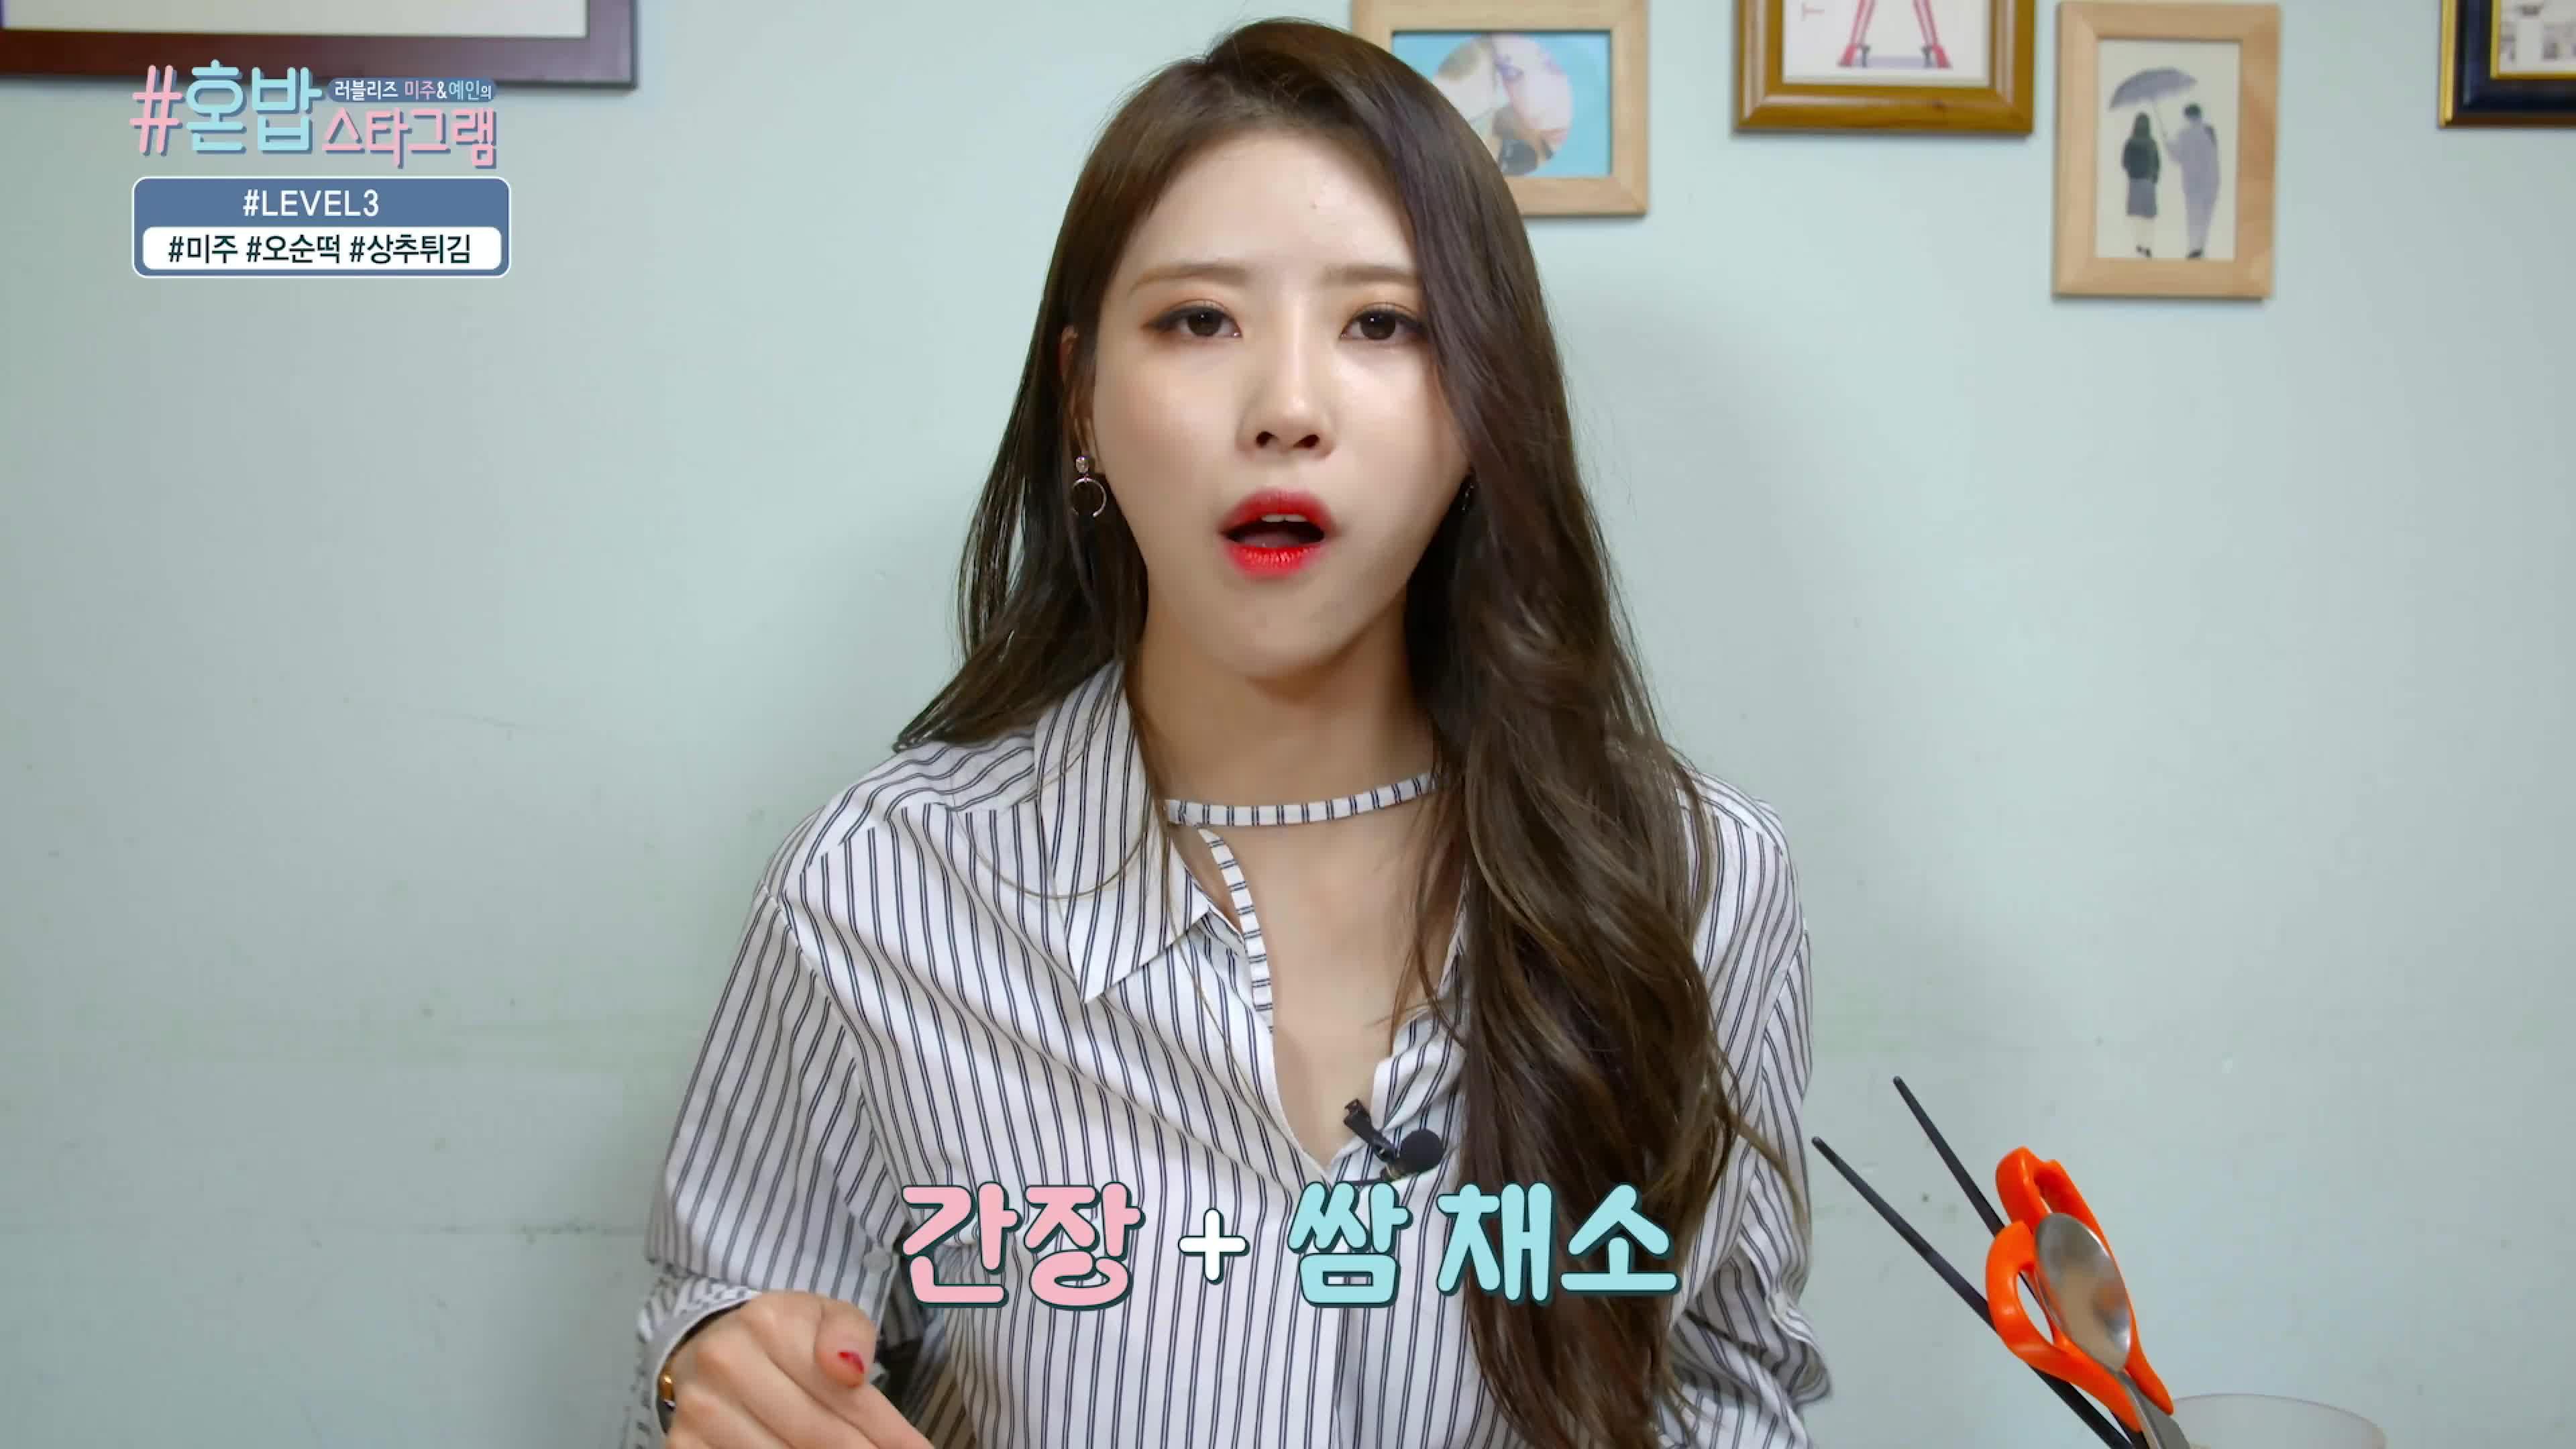 러블리즈 미주&예인의 혼밥스타그램 #5화 (#오순떡#상추튀김#미주)